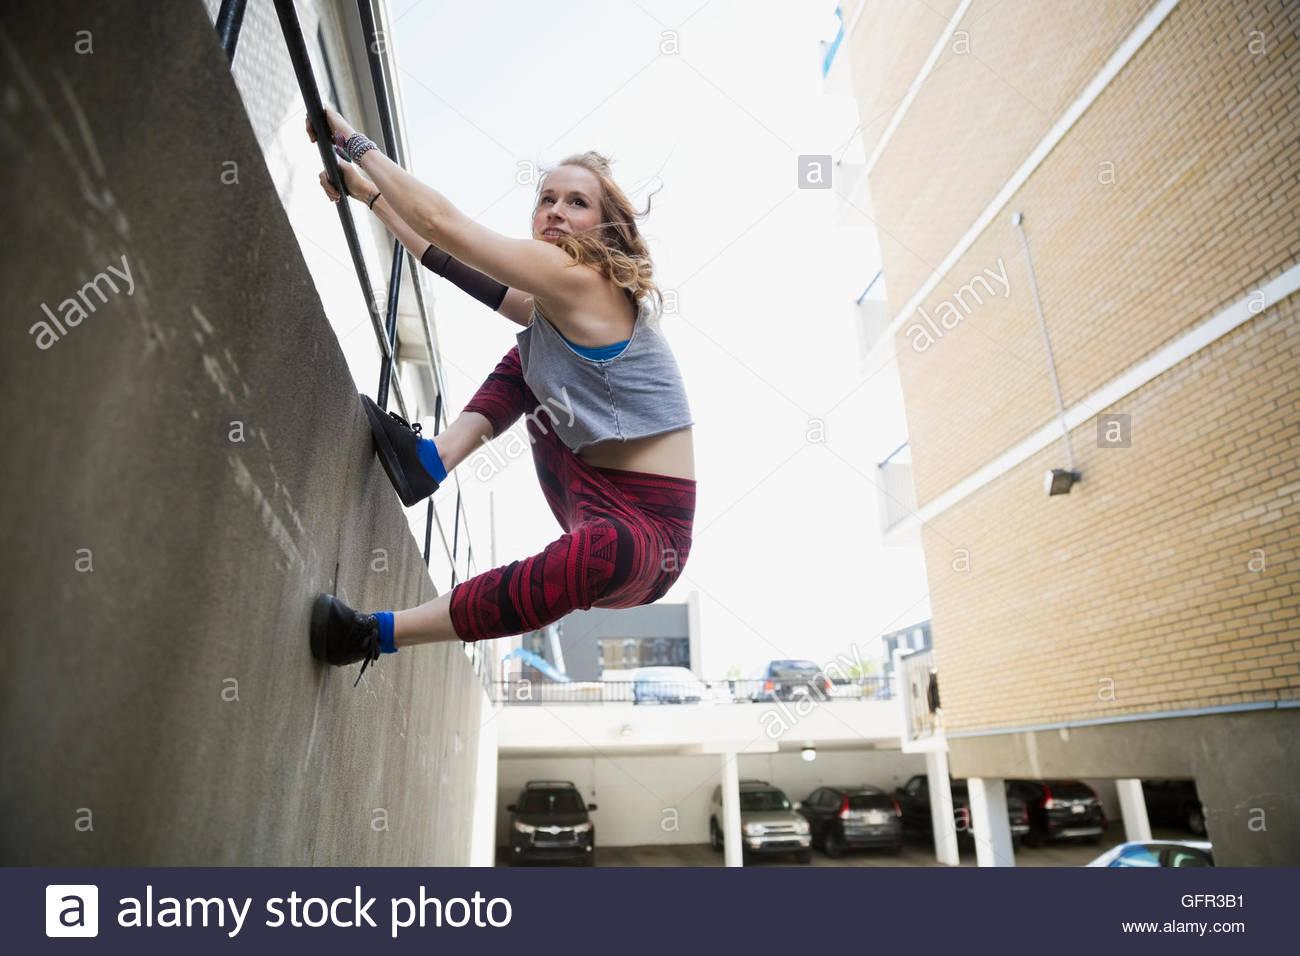 Giovane donna fare parkour lungo la parete urbana Immagini Stock